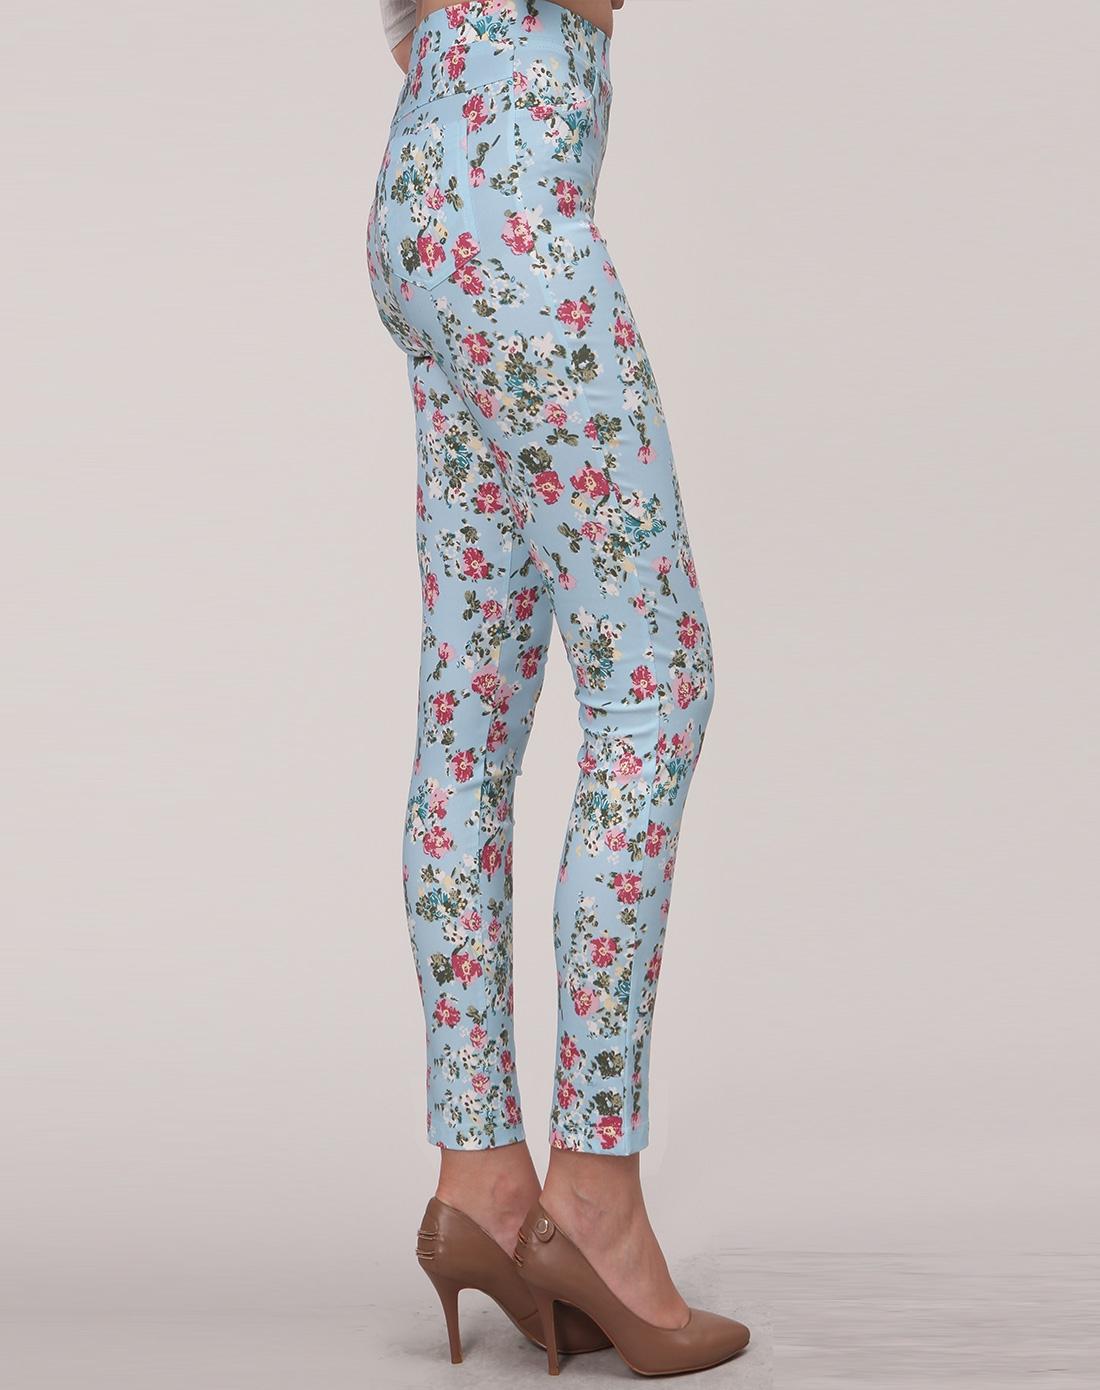 浅蓝色底花纹印花弹力铅笔长裤